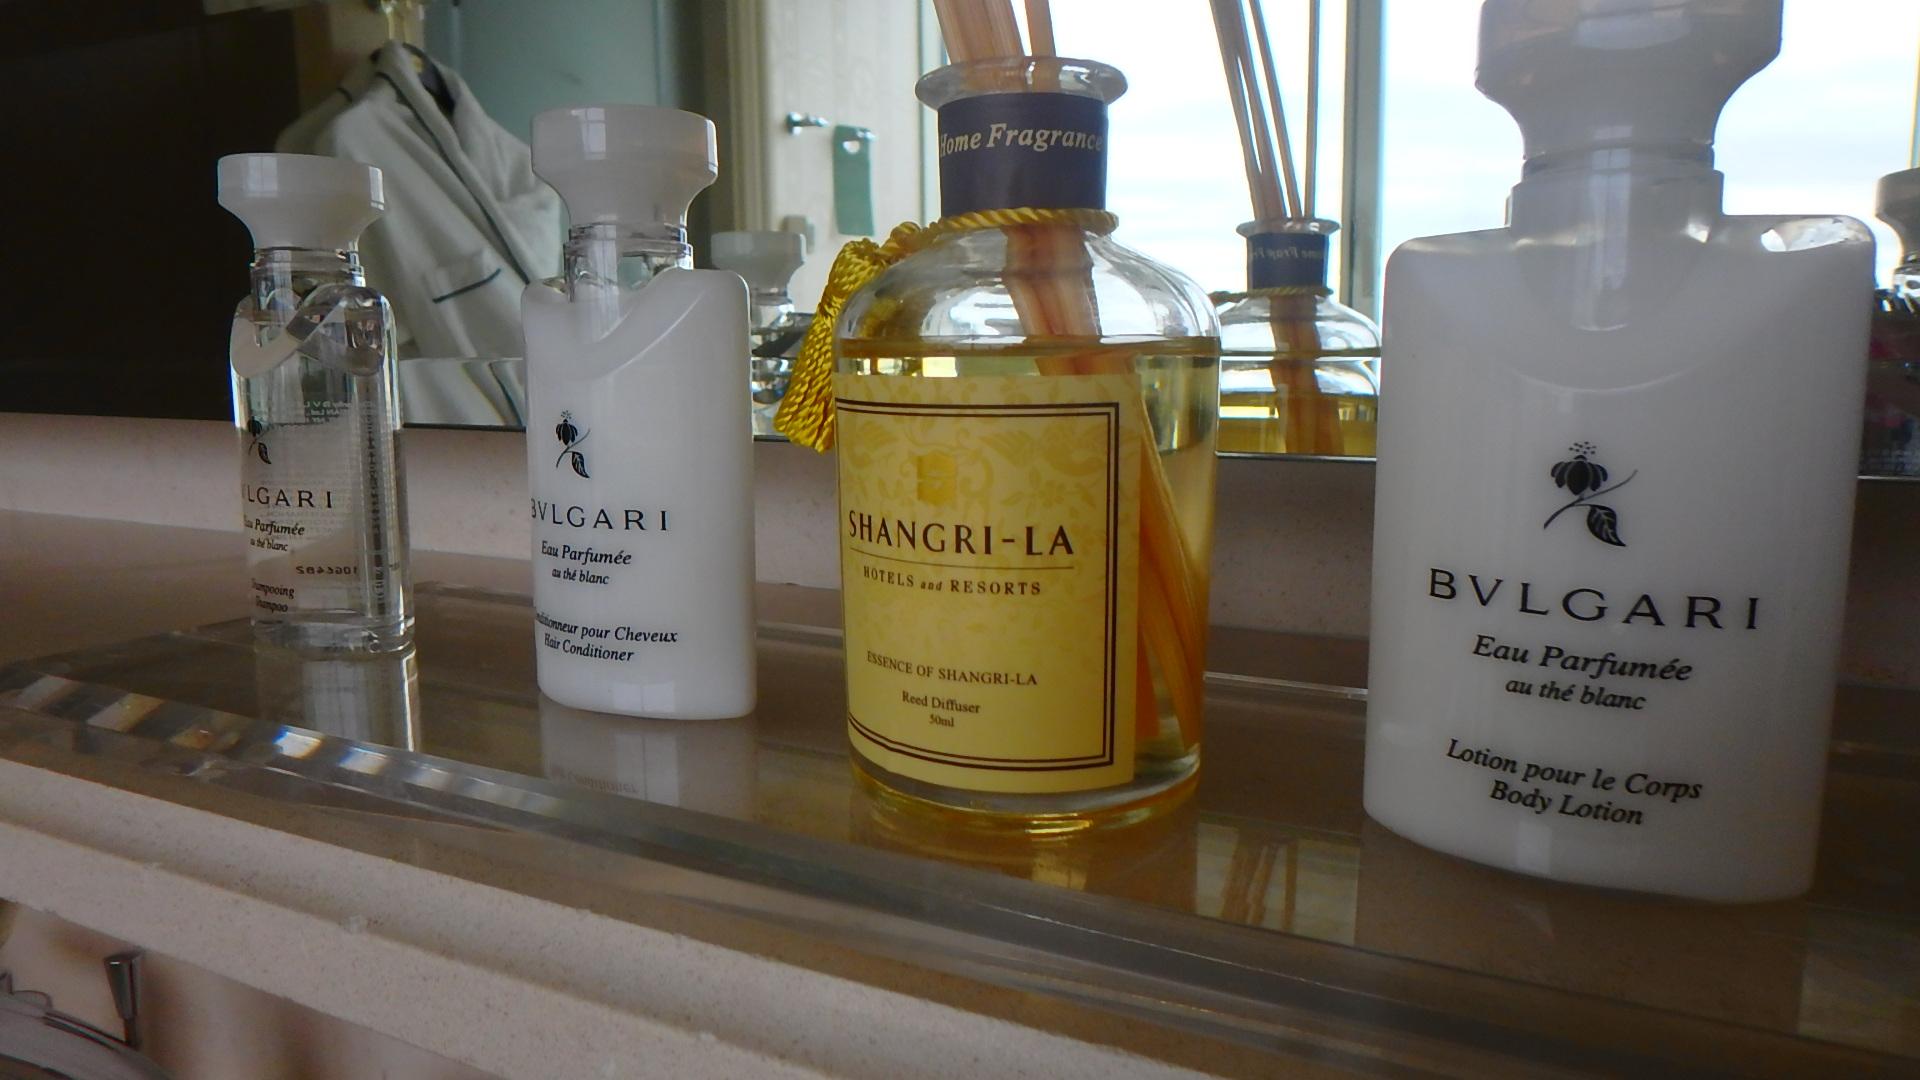 シャングリラホテルパリのアメニティーは全てブルガリ